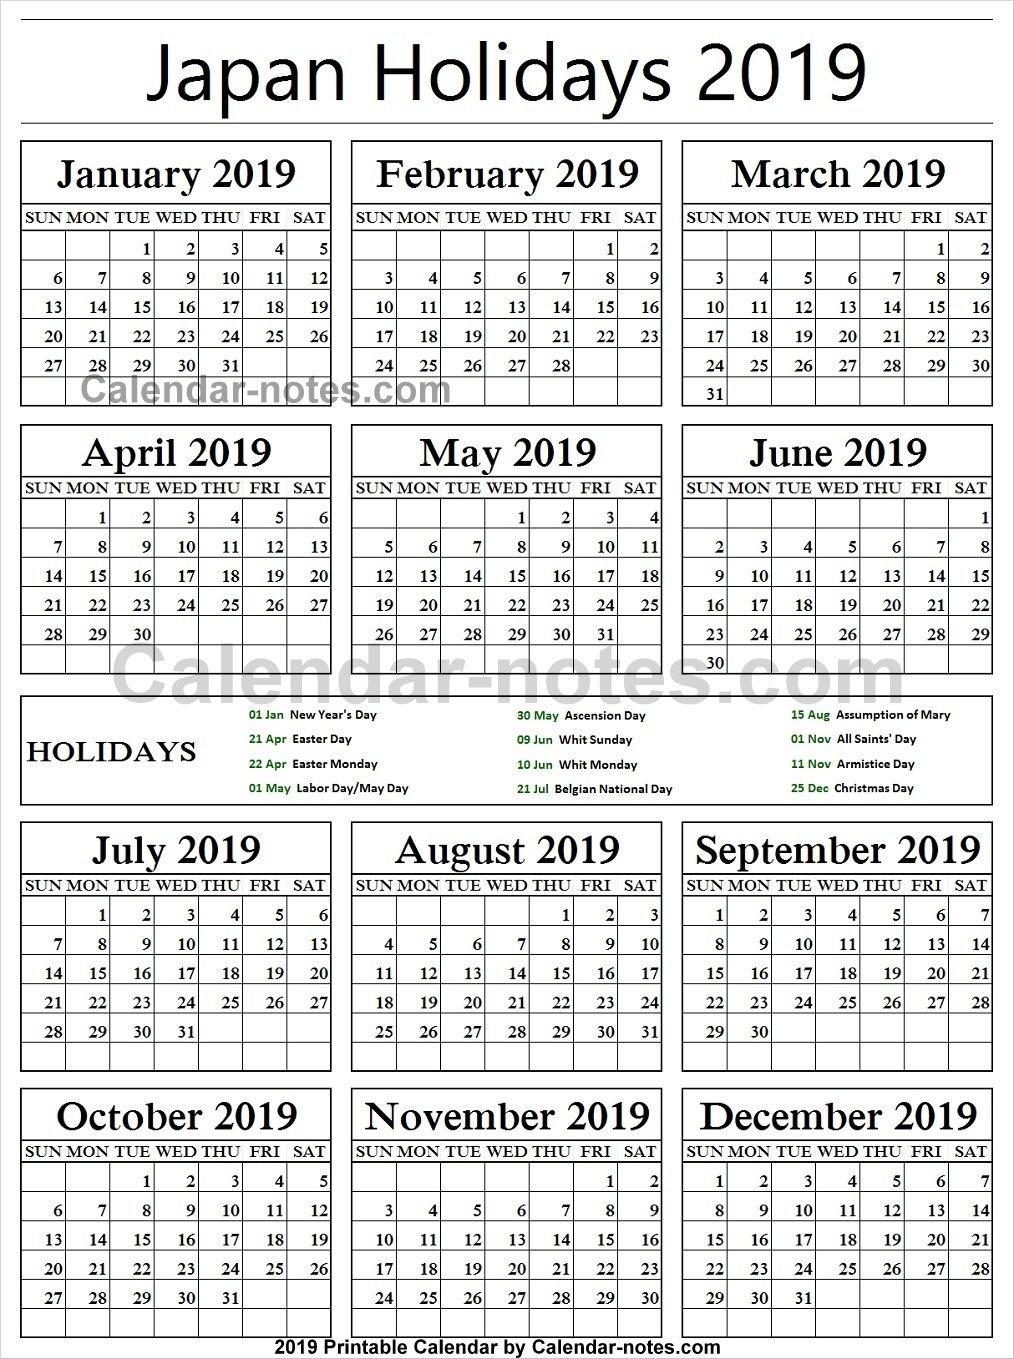 Belgium Holiday 2019 Calendar | Holidays Calendar 2019 | Portugal Calendar 2019 Belgium